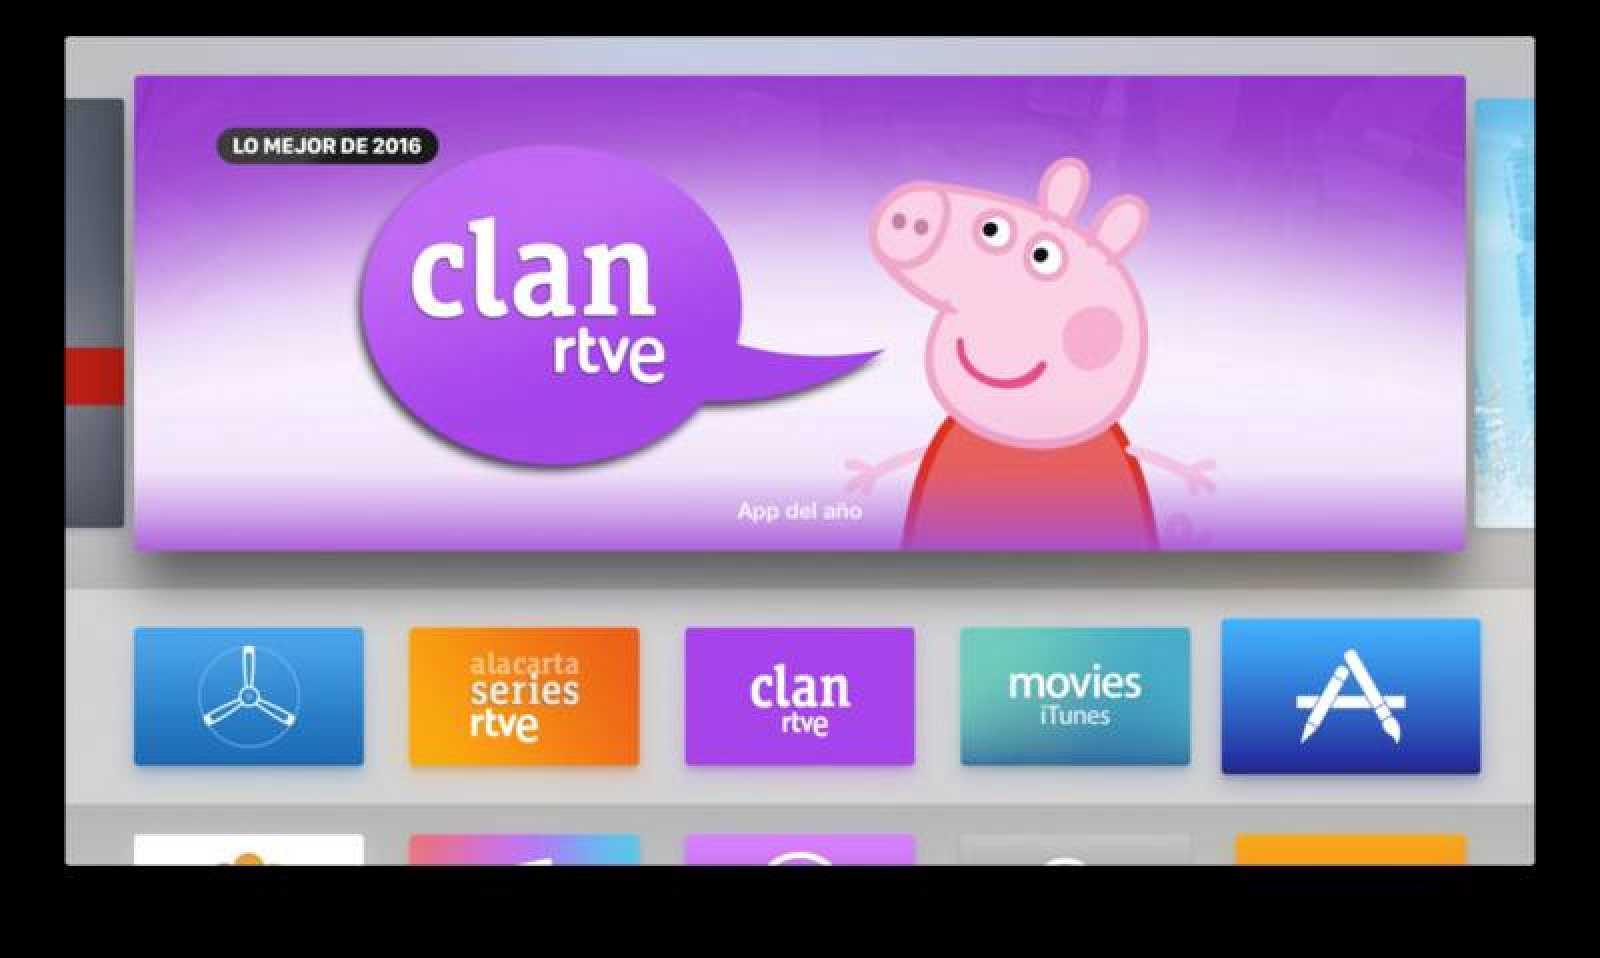 La app de Clan se encuentra dentro de las cinco más instaladas de Apple TV